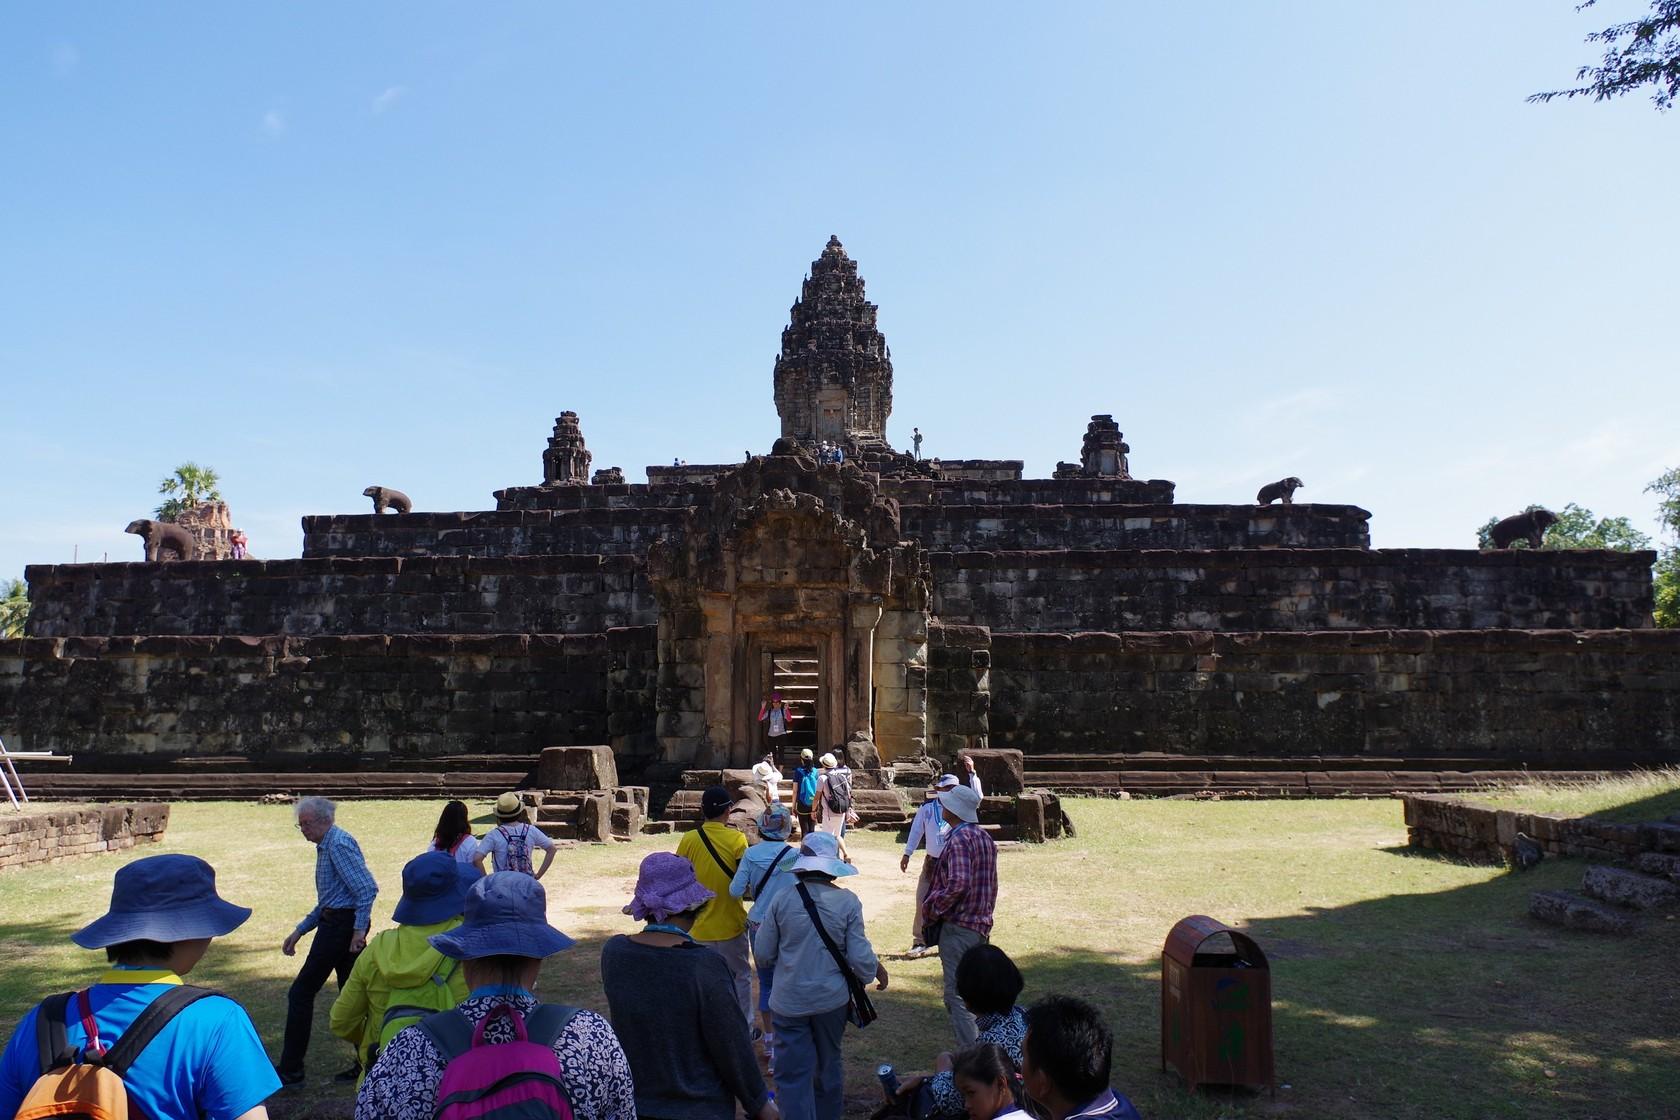 中央聳立的是象徵須彌山的高塔-巴孔寺